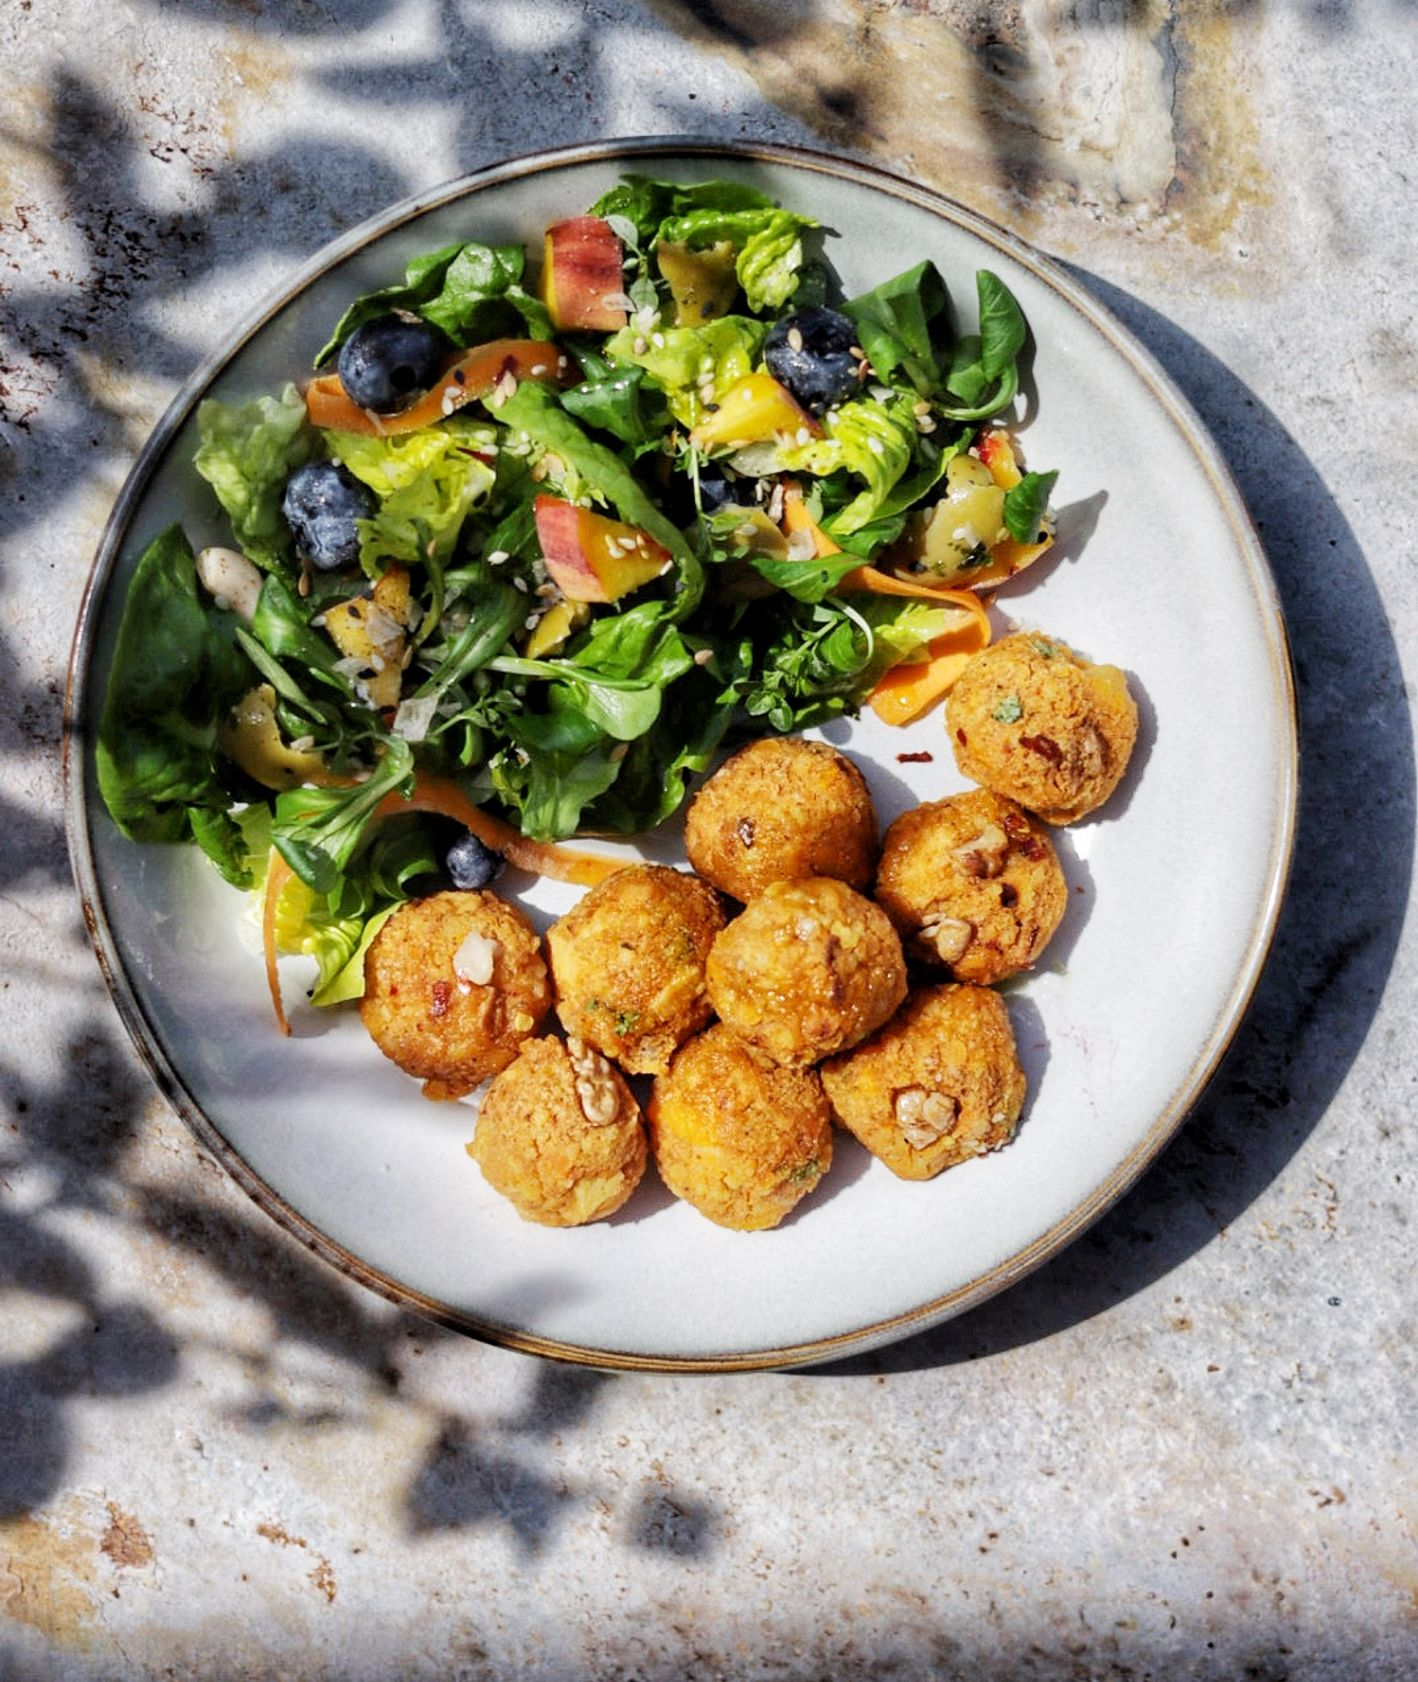 Przepis na złote kulki z orzechami włoskimi, pomysł na wegetariański lunch do pudełka (fot. Ania Dobra Kulka)